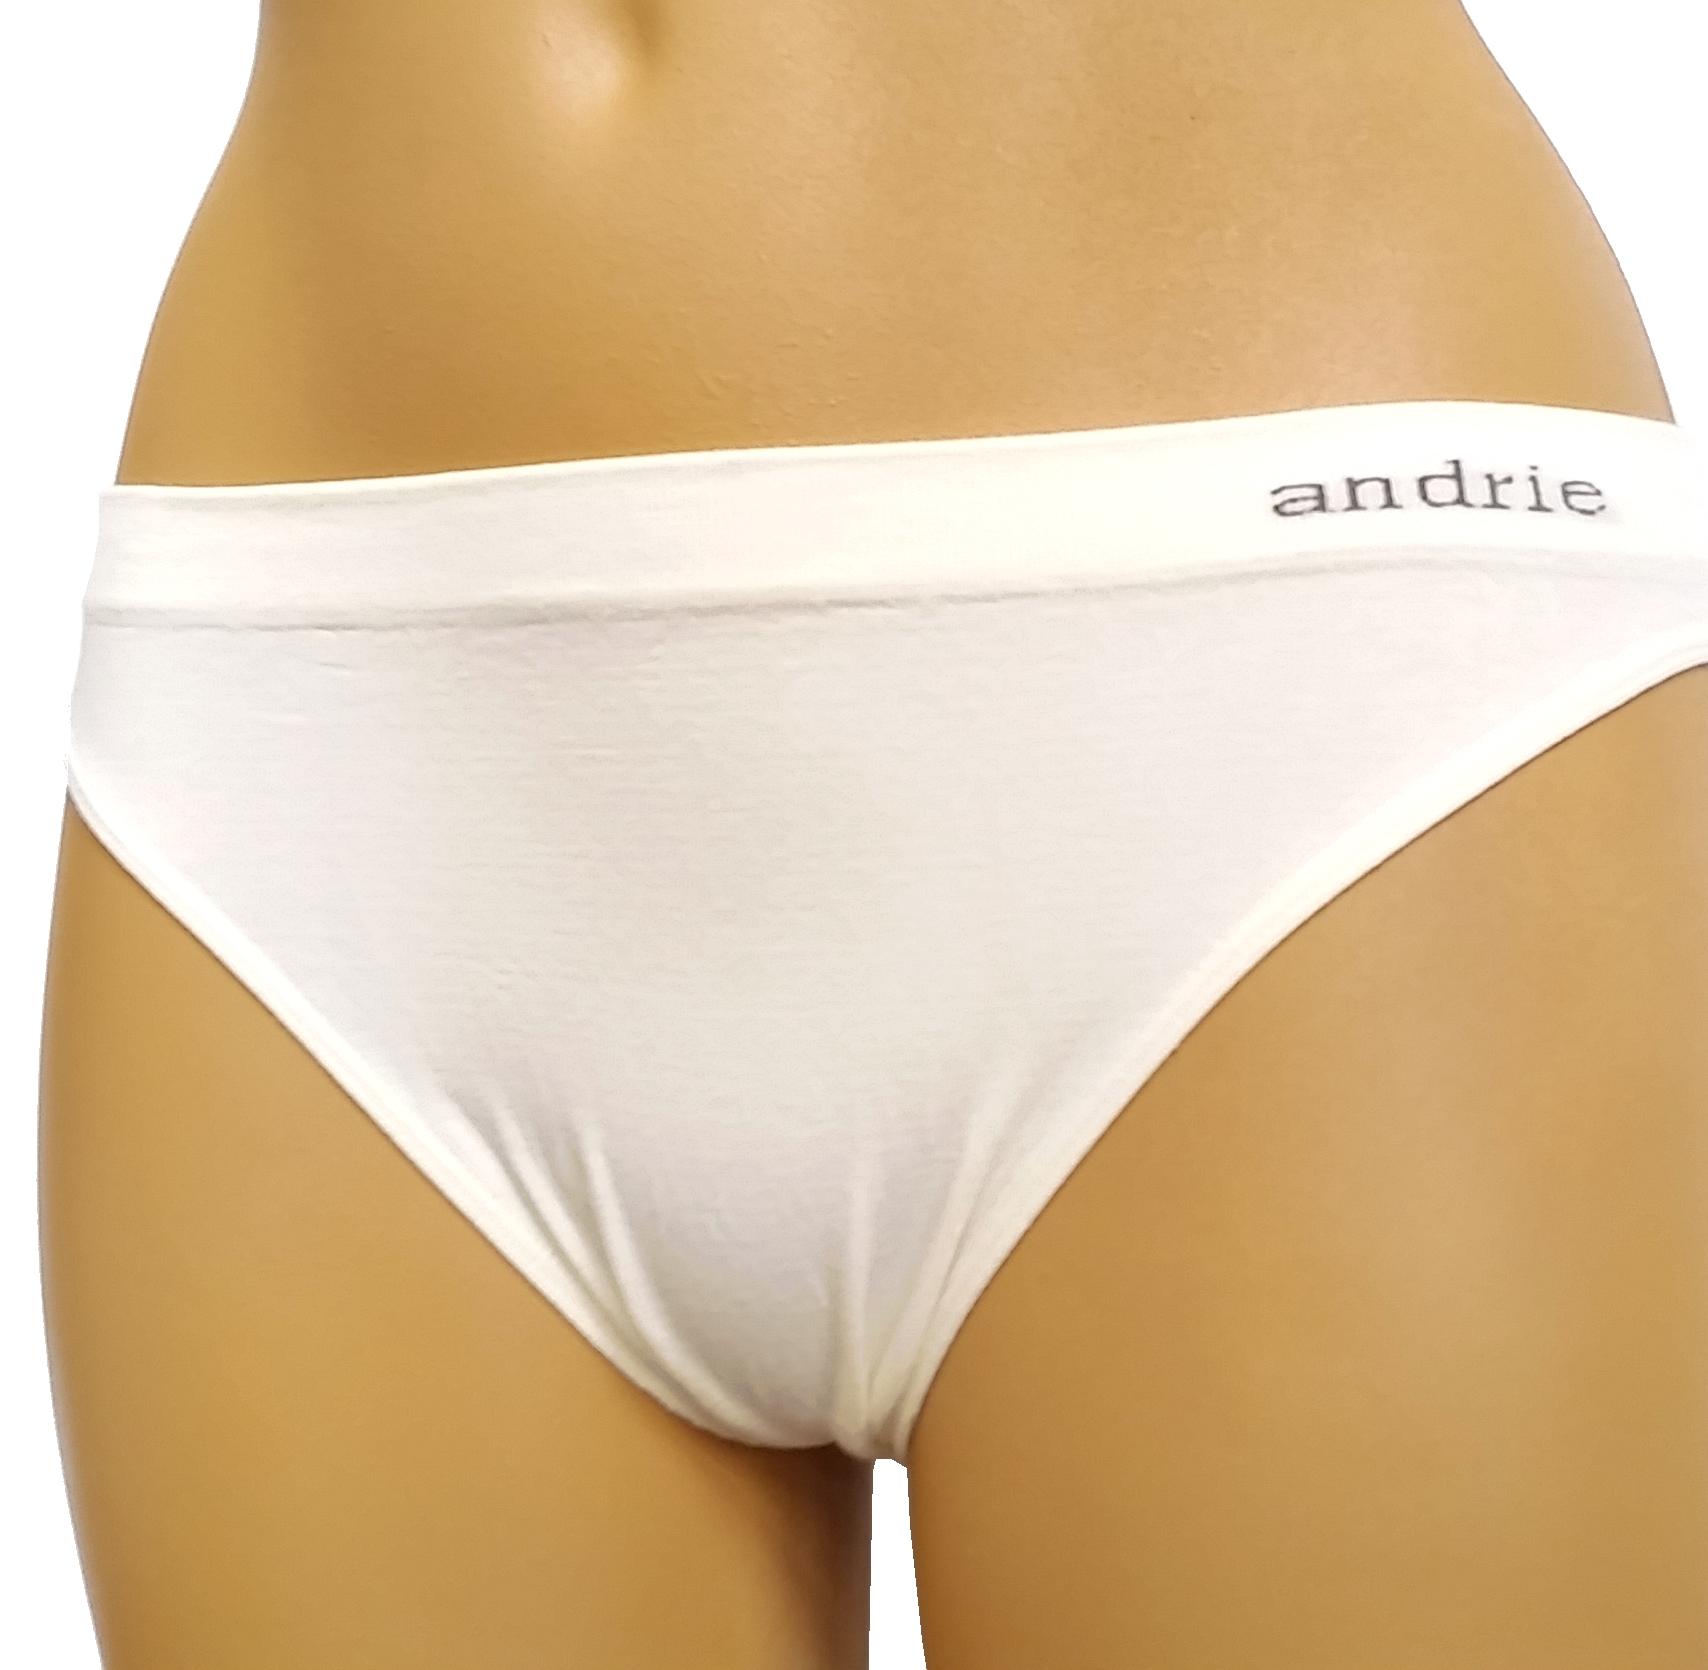 Andrie PS 1951 kalhotky dámské bezešvé, bílá, L/XL